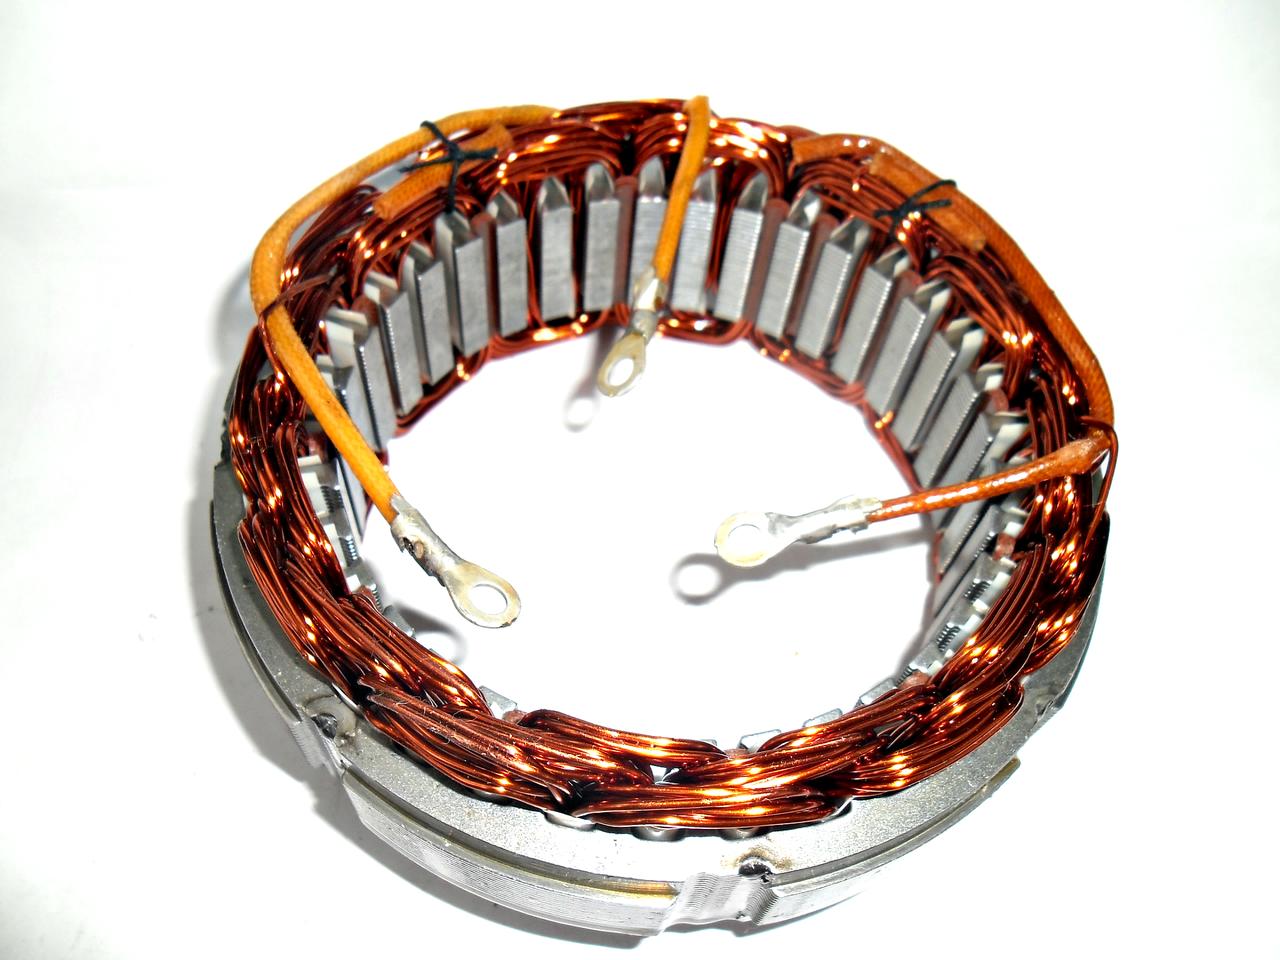 Обмотка генератора (2108) САМАРА 3-провода 000568